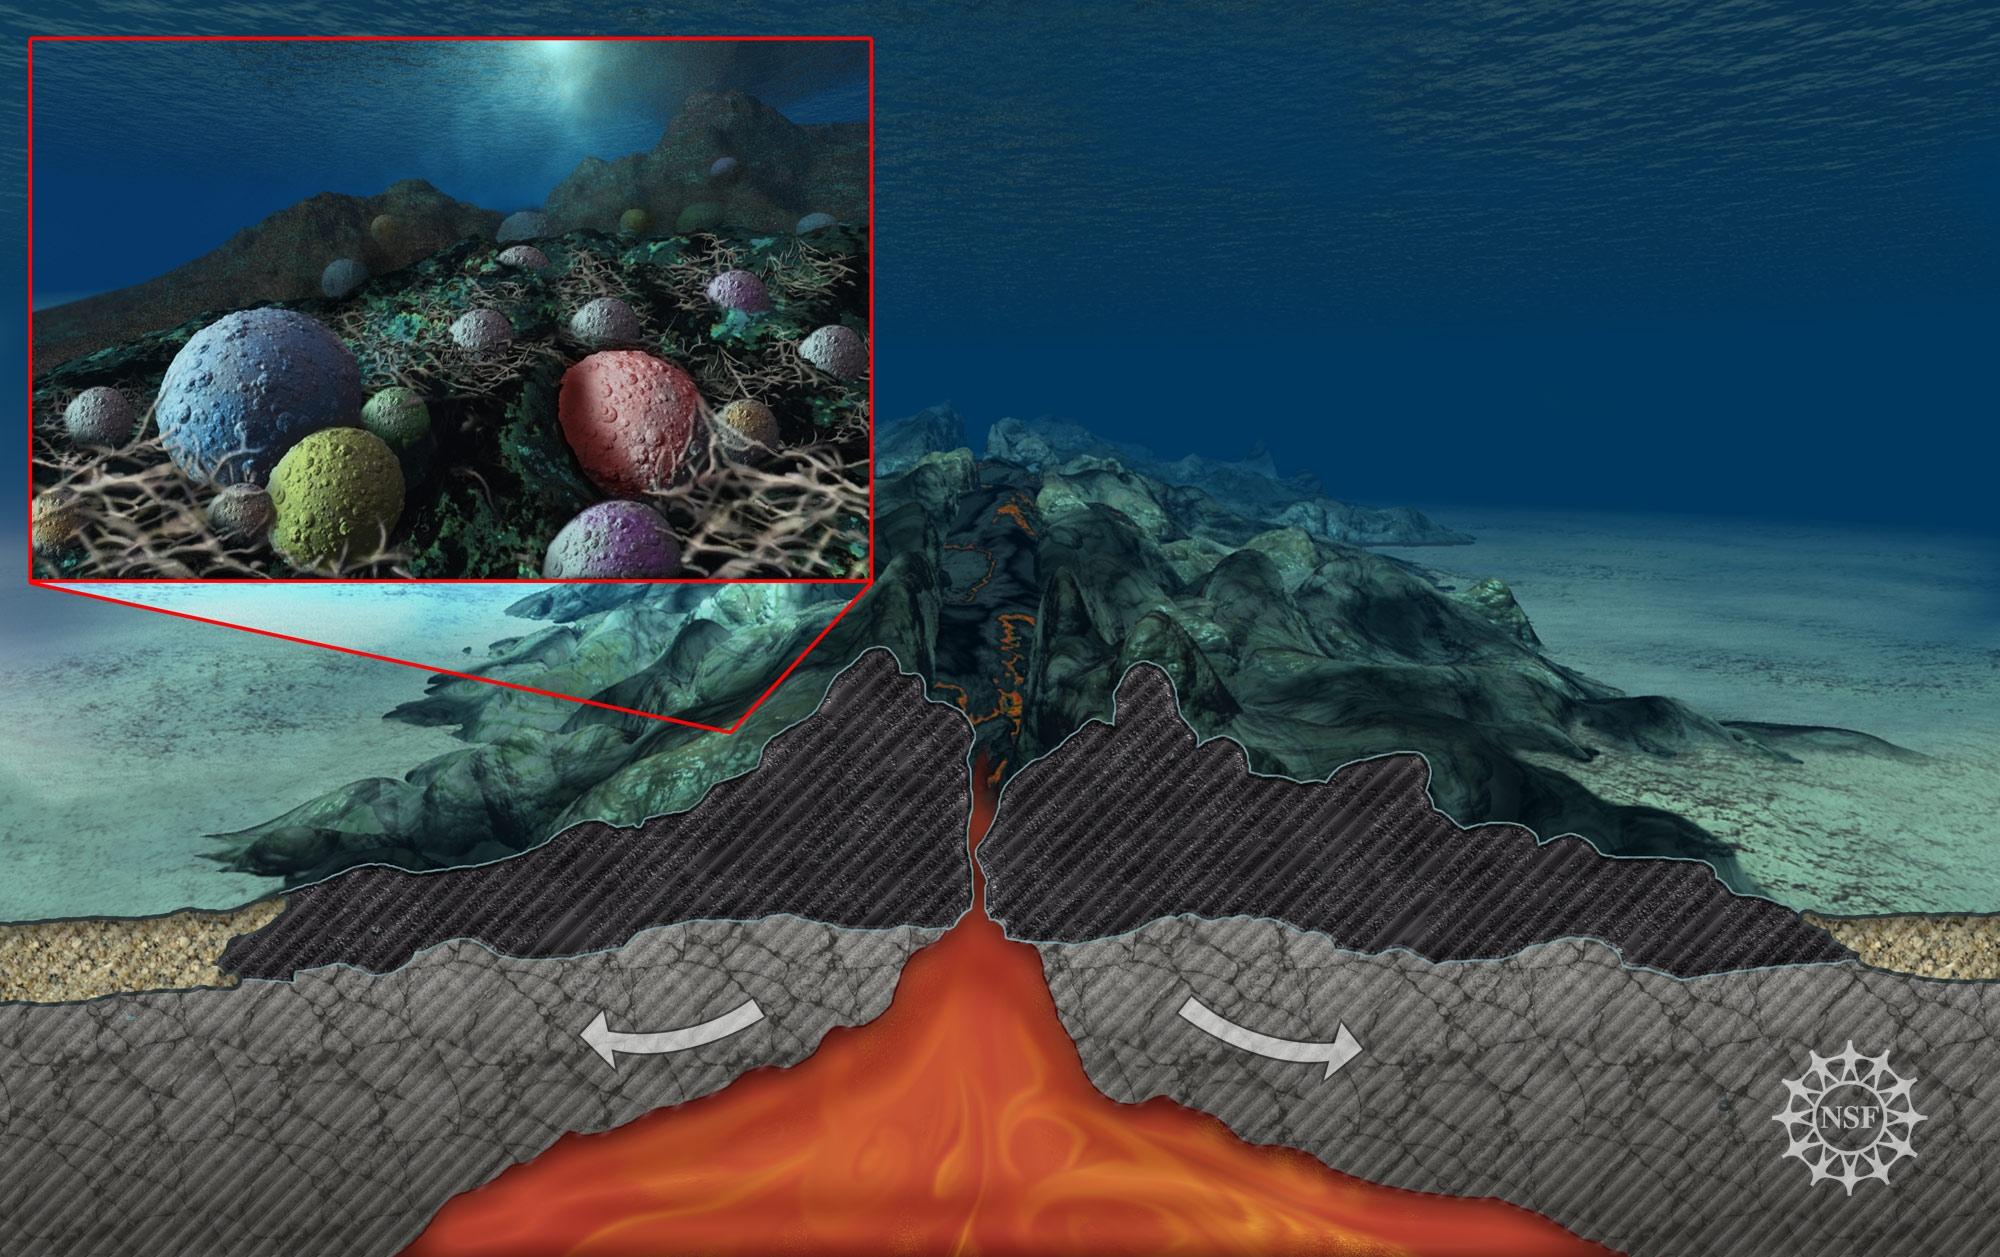 Dark Energy Supports Quot Alien Life Quot Beneath The Ocean Floor